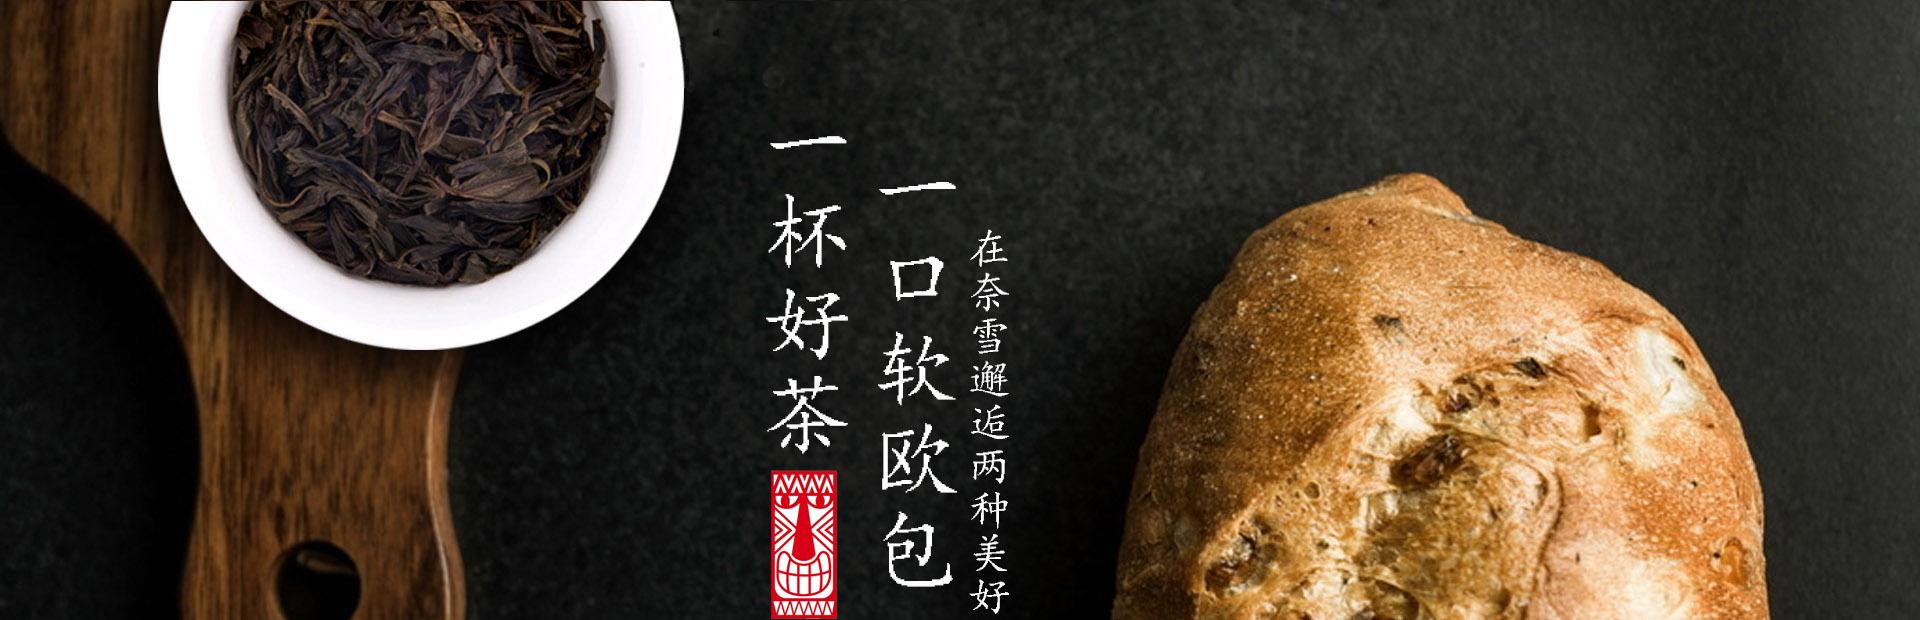 乐乐茶官网